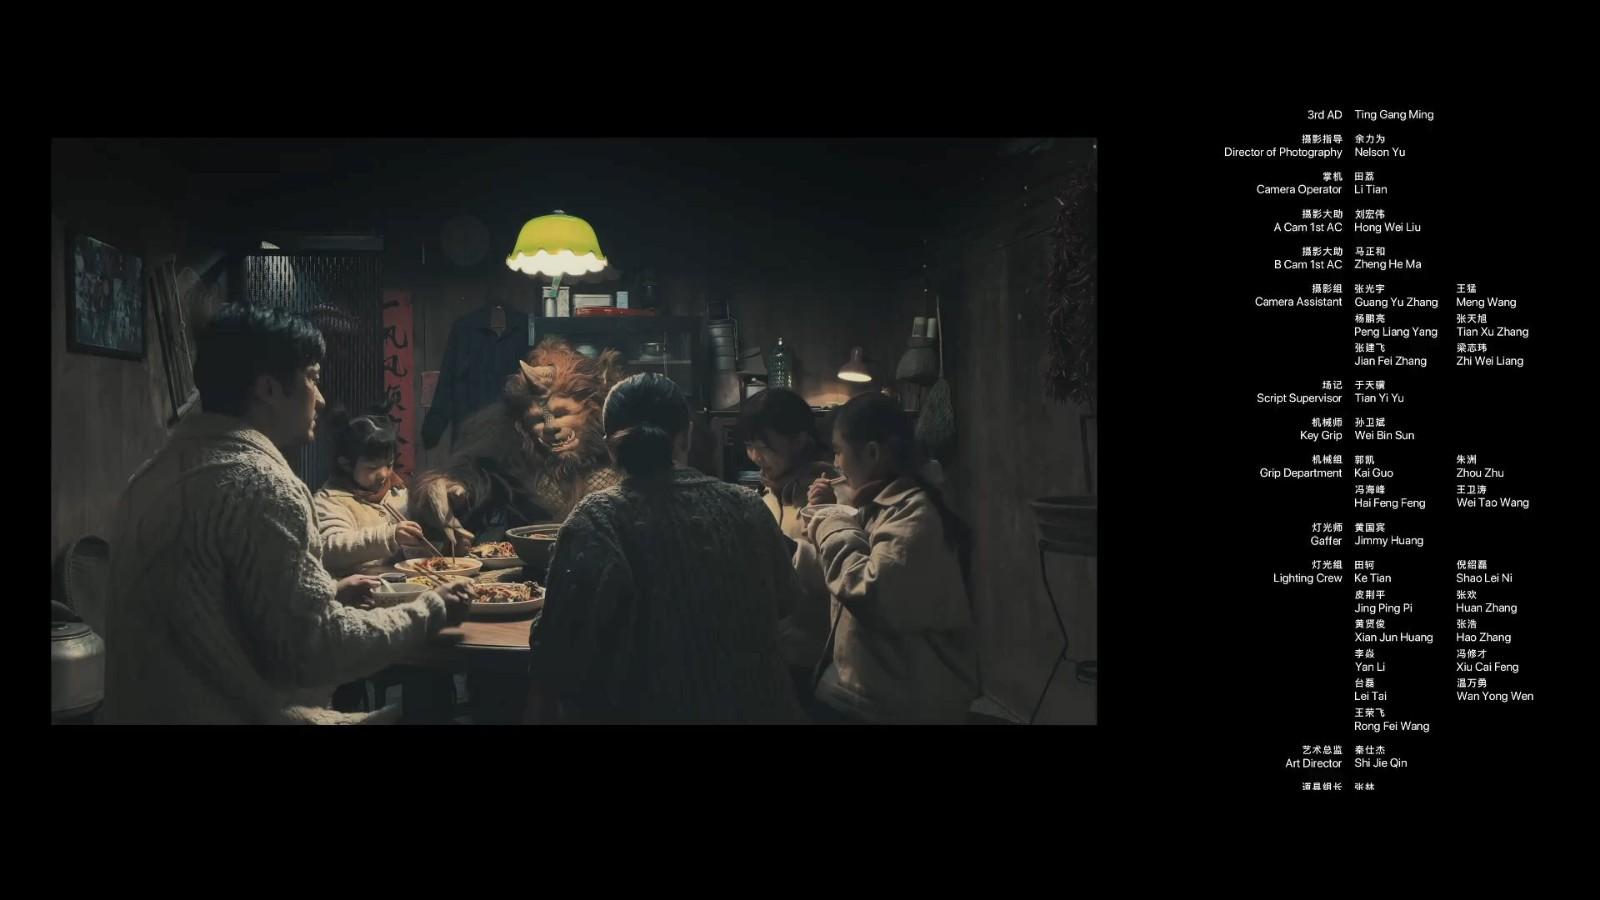 苹果发布新春贺岁短片《阿年》 讲述年兽故事